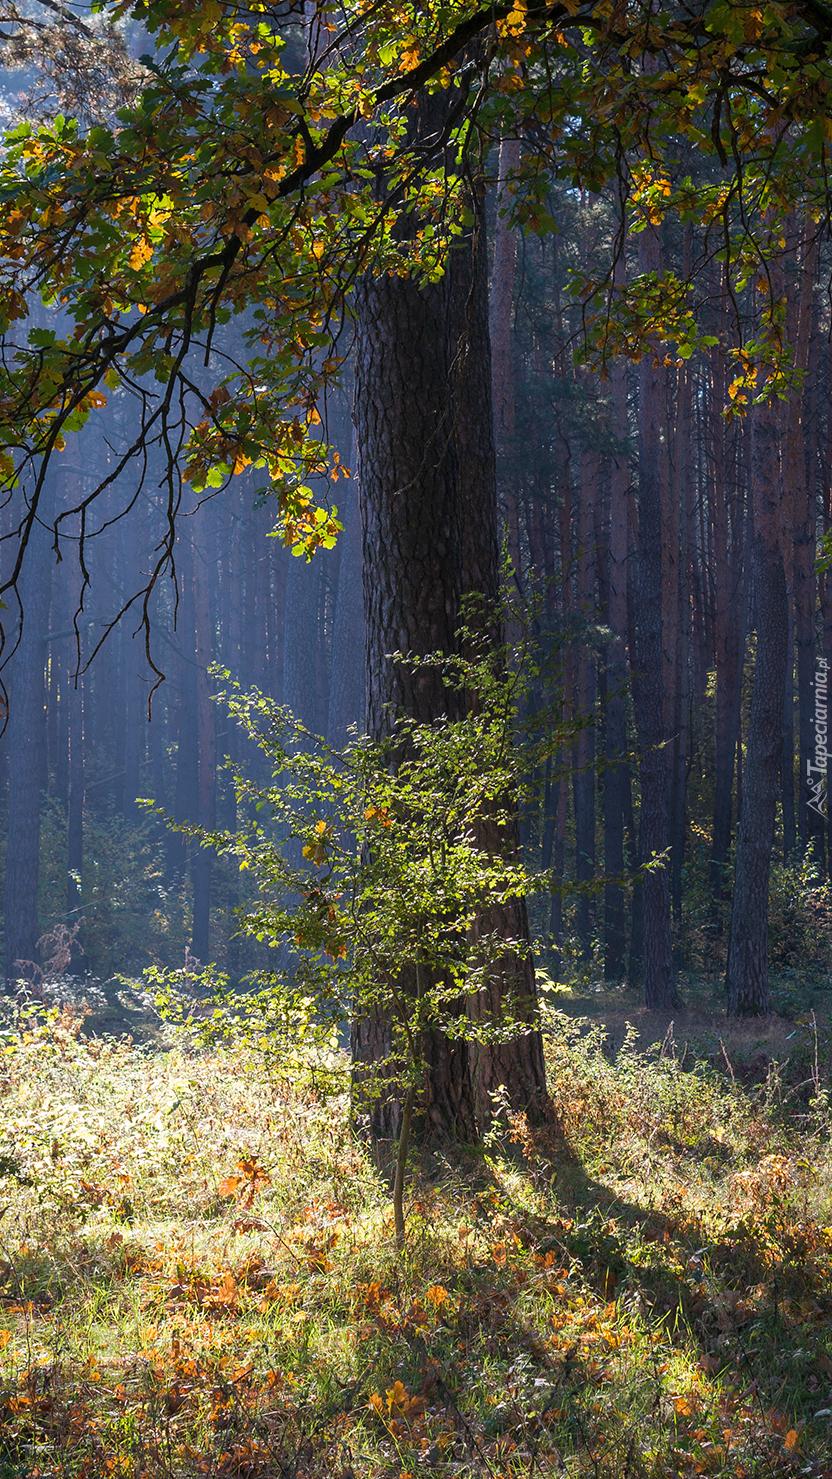 Drzewo i krzew w lesie